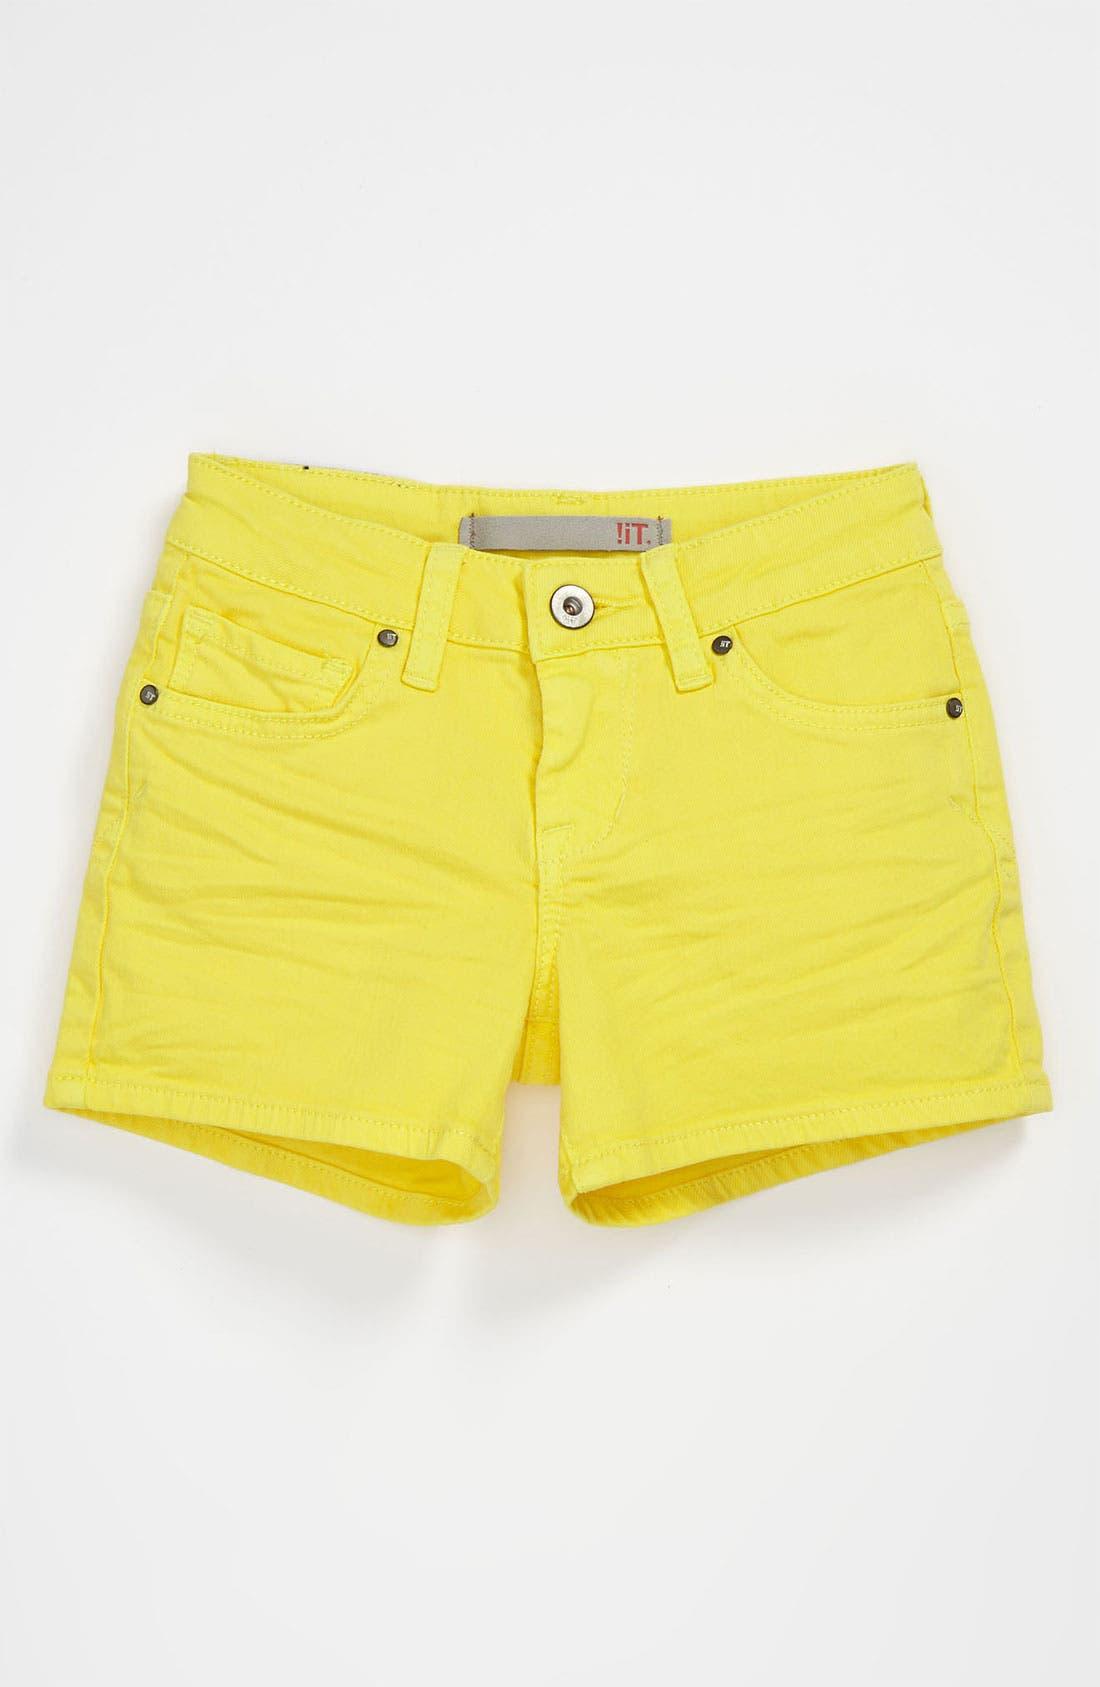 Alternate Image 2  - !iT JEANS Five Pocket Shorts (Big Girls)